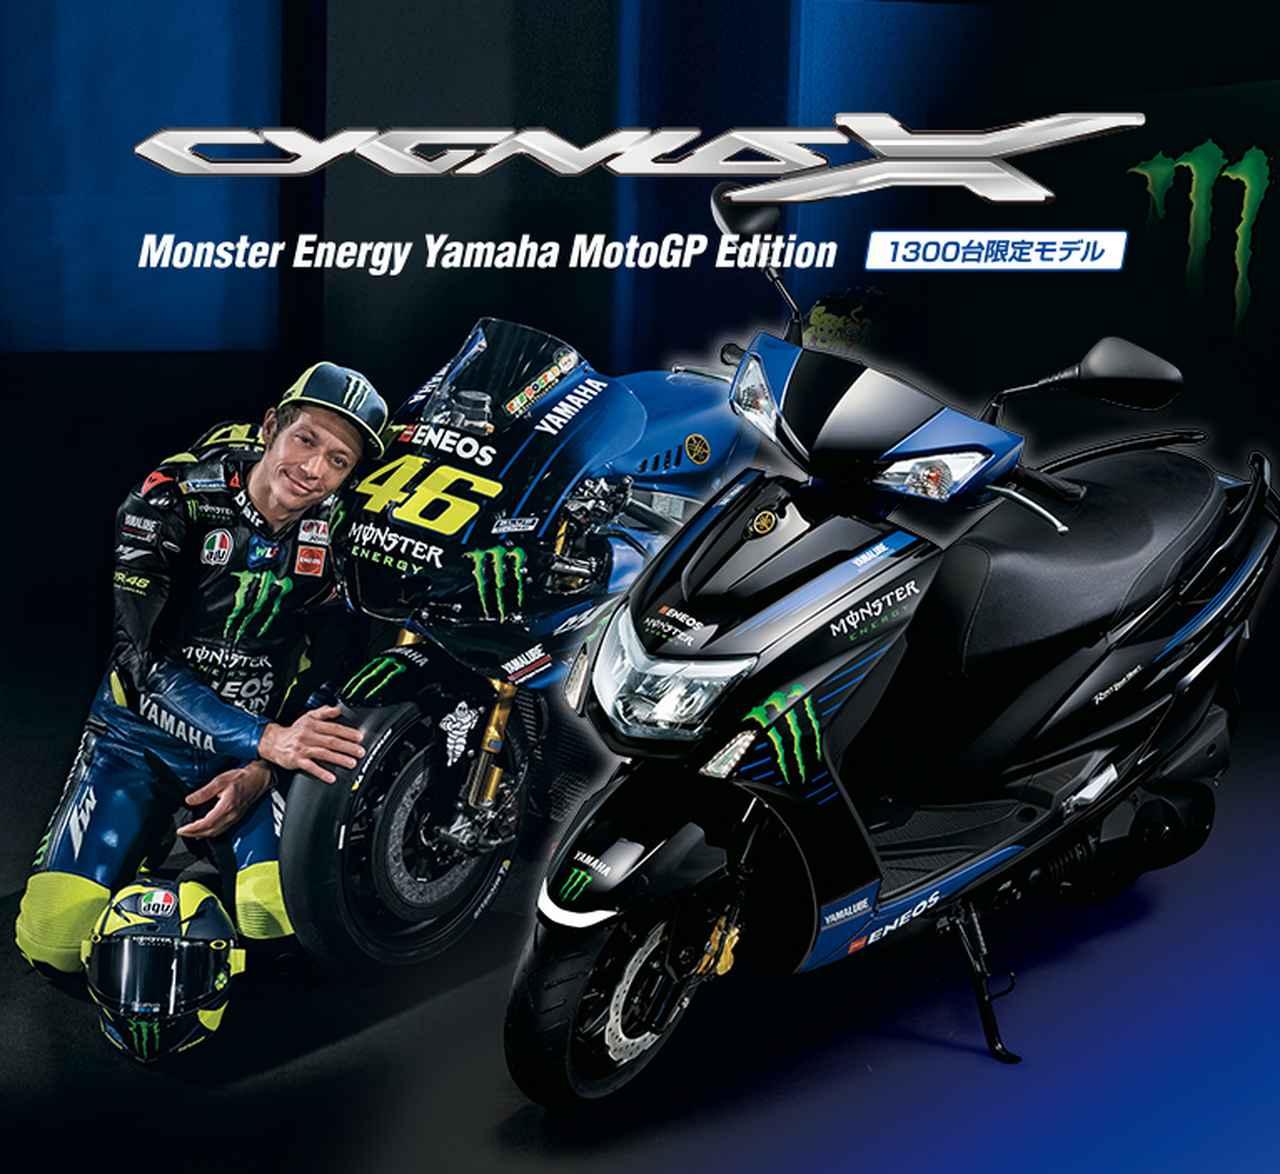 画像: CYGNUS-X Monster Energy Yamaha MotoGP Edition - バイク・スクーター ヤマハ発動機株式会社